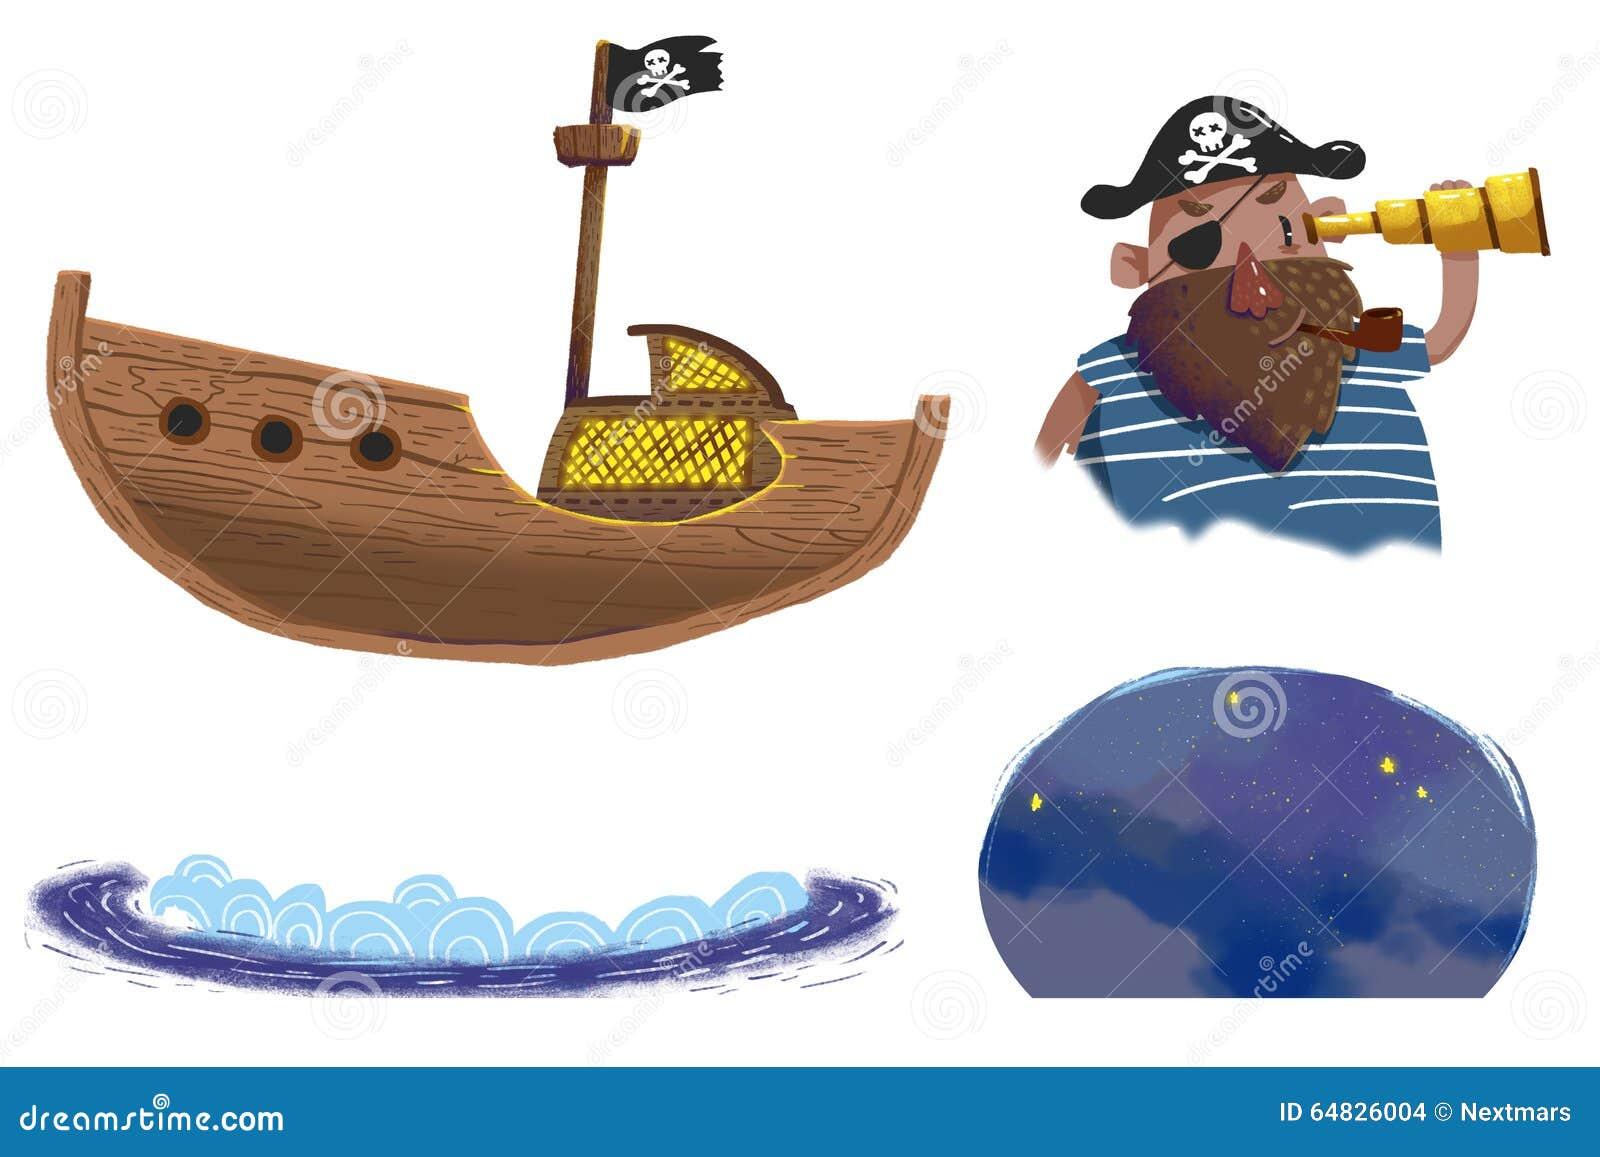 Ensembles D Illustration Le Bateau De Pirates Capitaine De Pirate La Vague La Nuit Etoilee Illustration Stock Illustration Du Pilote Retrait 64826004